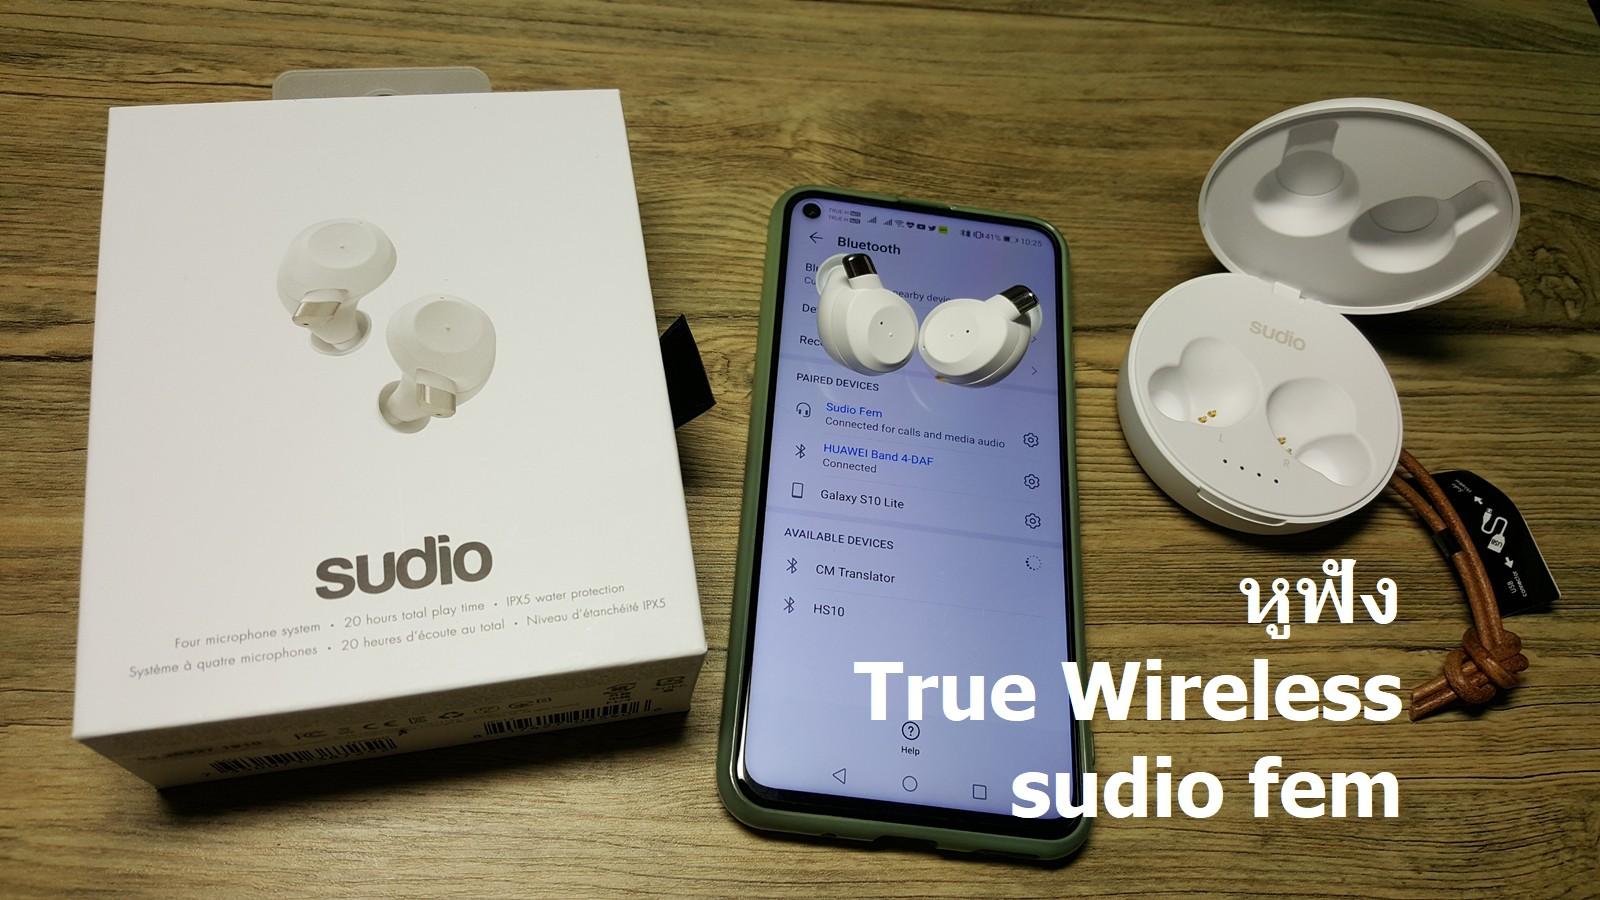 แนะนำ Sudio Fem หูฟังไร้สาย True Wireless เชื่อมต่อง่าย เสียงดี ไมค์ 4 ตัว พร้อมตัดเสียงรบกวน ราคา 4,890 บาท พร้อมแจกโค้ดลด 15%